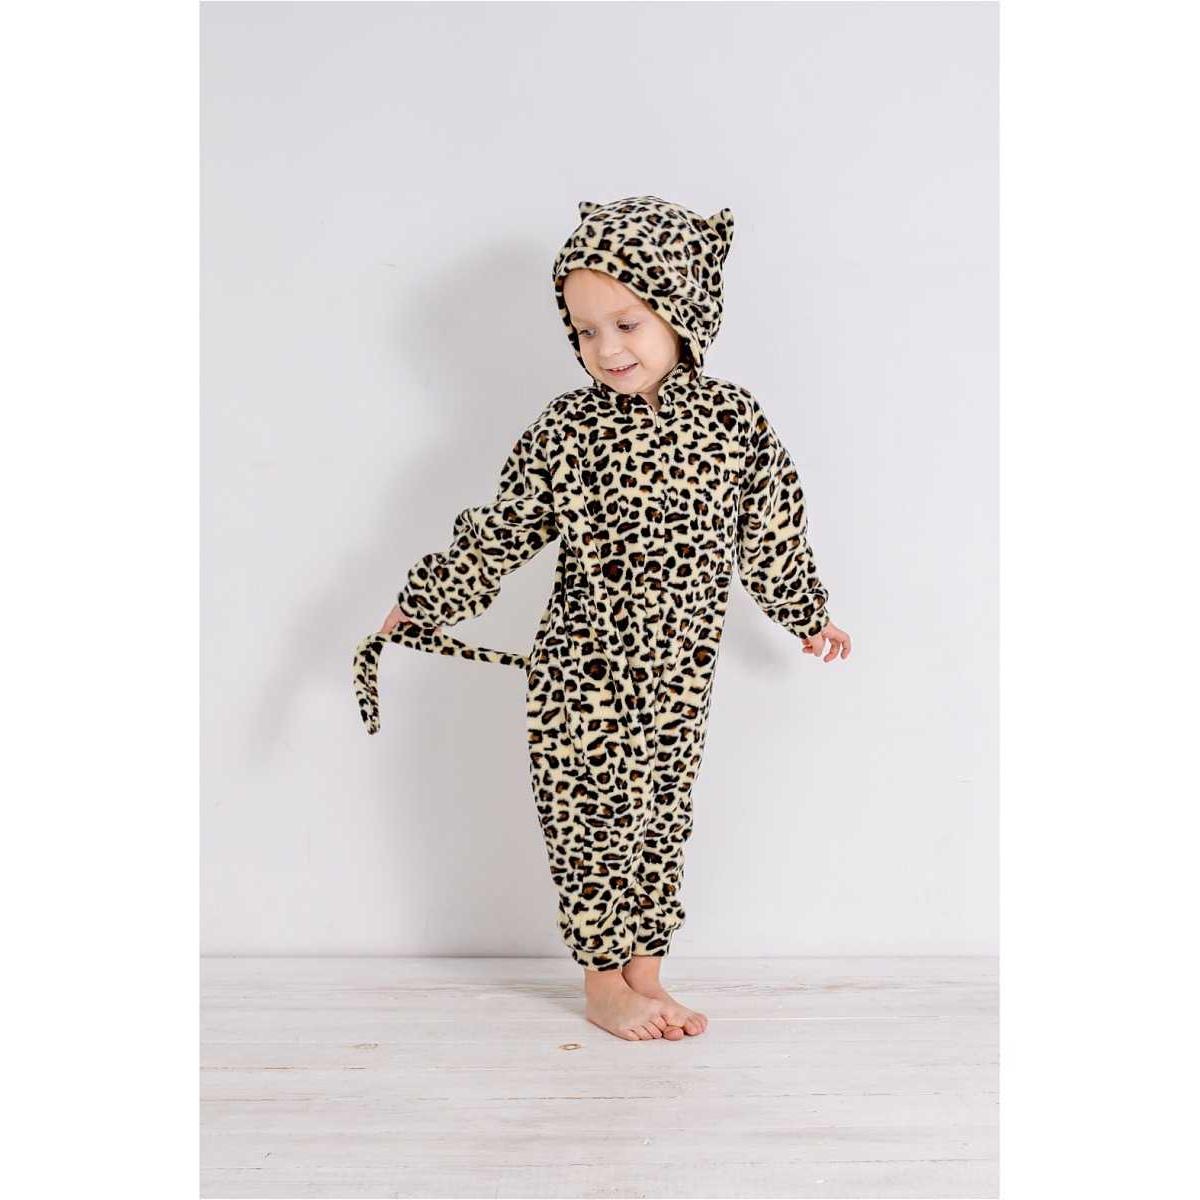 оформлении фото костюмов леопарда знают, что